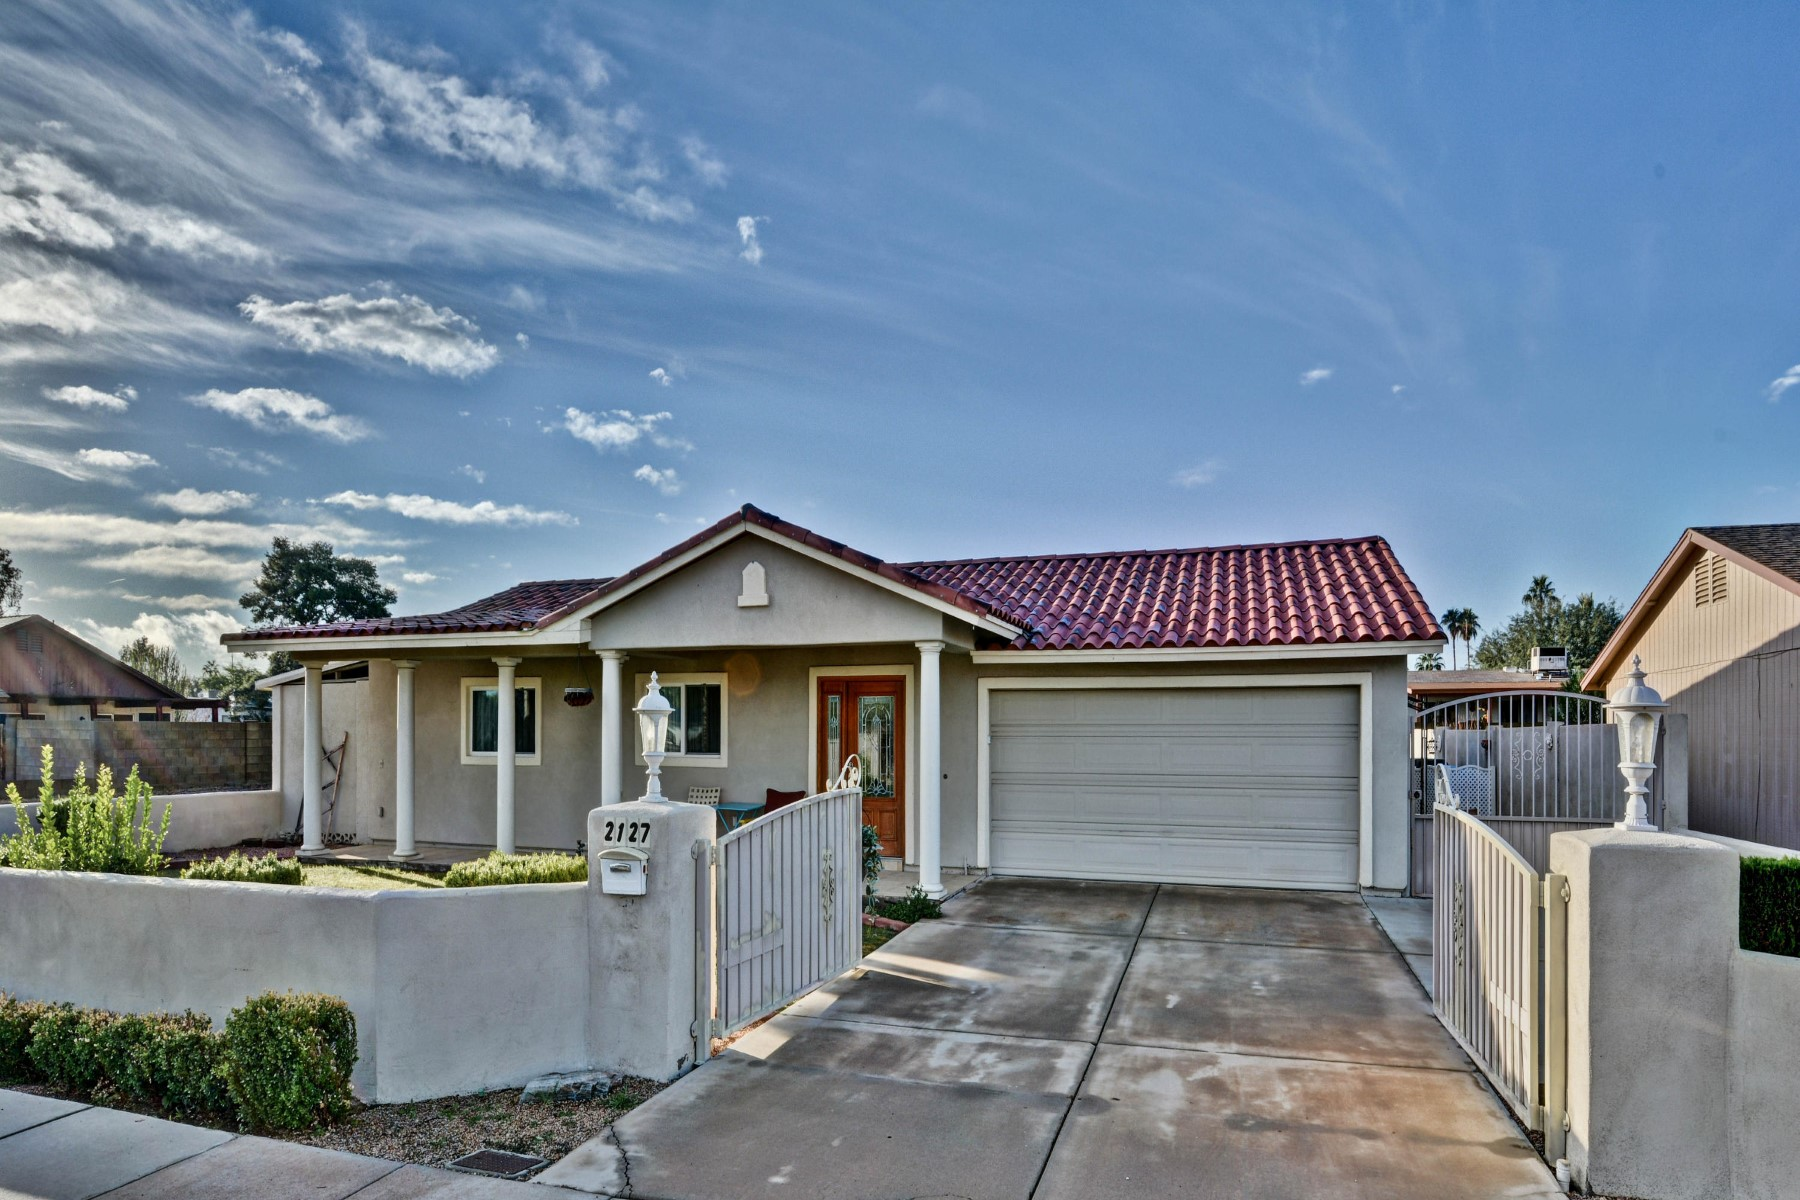 獨棟家庭住宅 為 出售 在 Gorgeous home in Phoenix 2127 E Kathleen Rd Phoenix, 亞利桑那州, 85022 美國